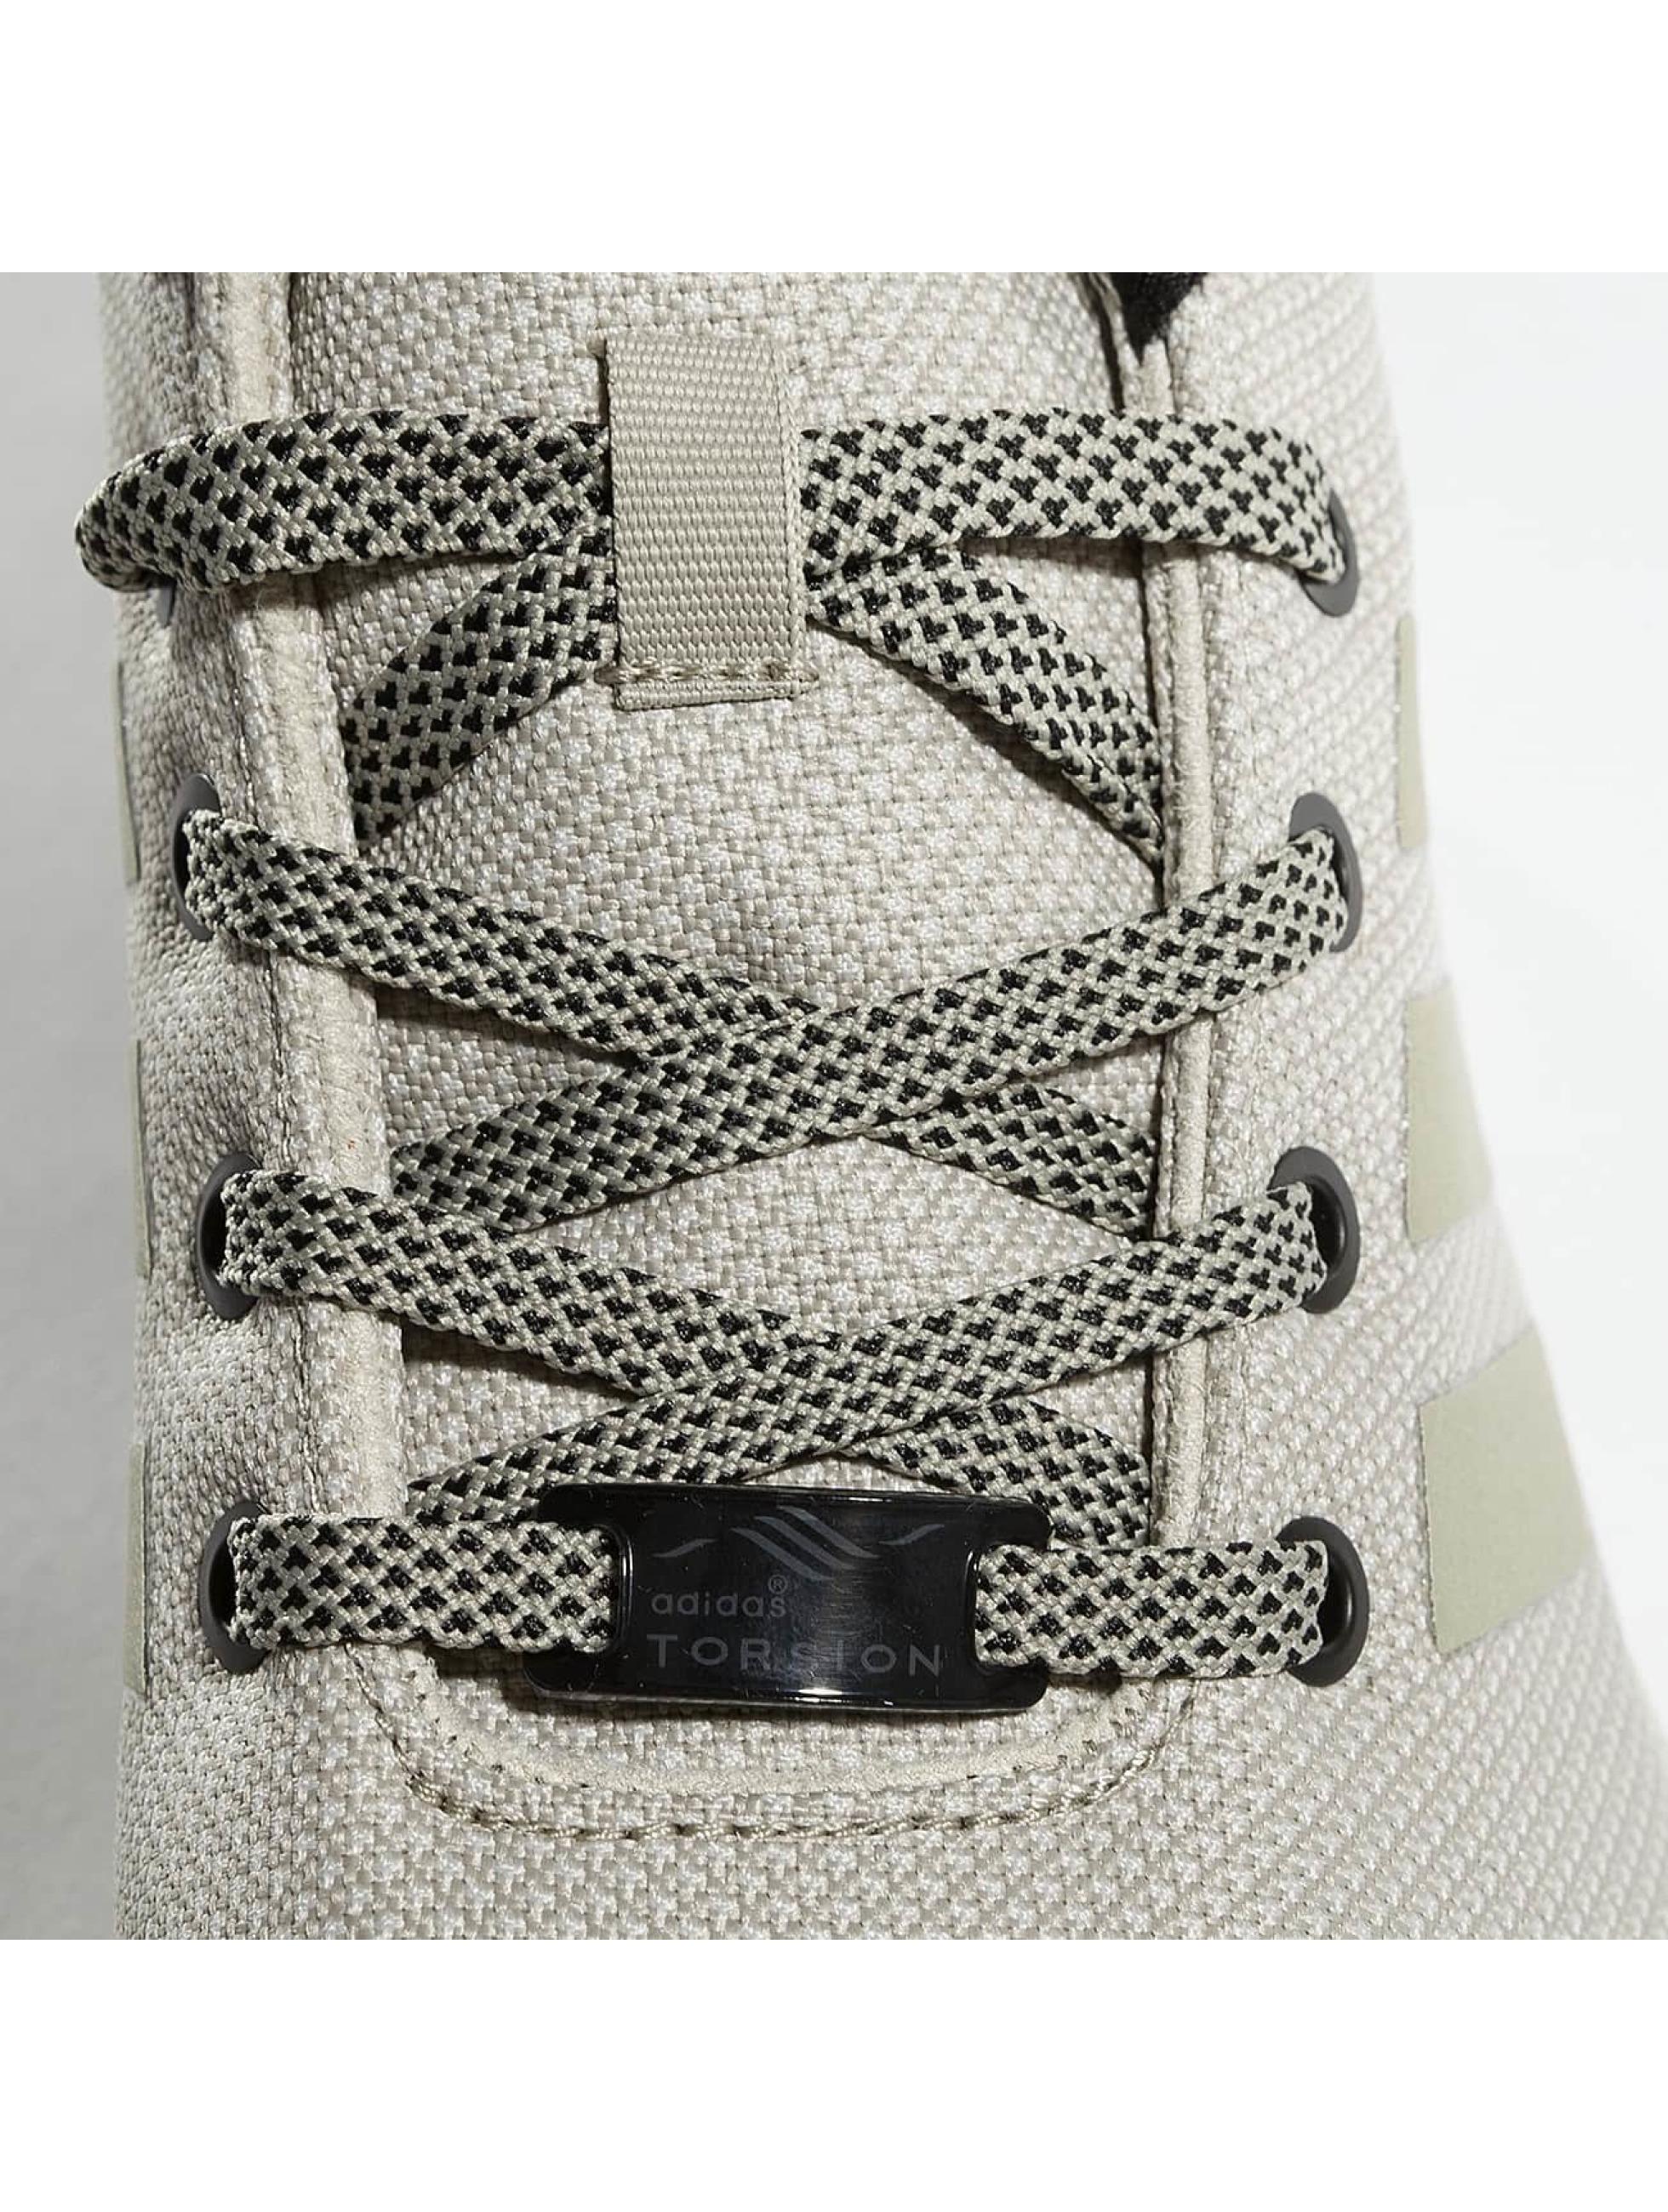 adidas Kozaki ZX Flux 5/8 TR bezowy